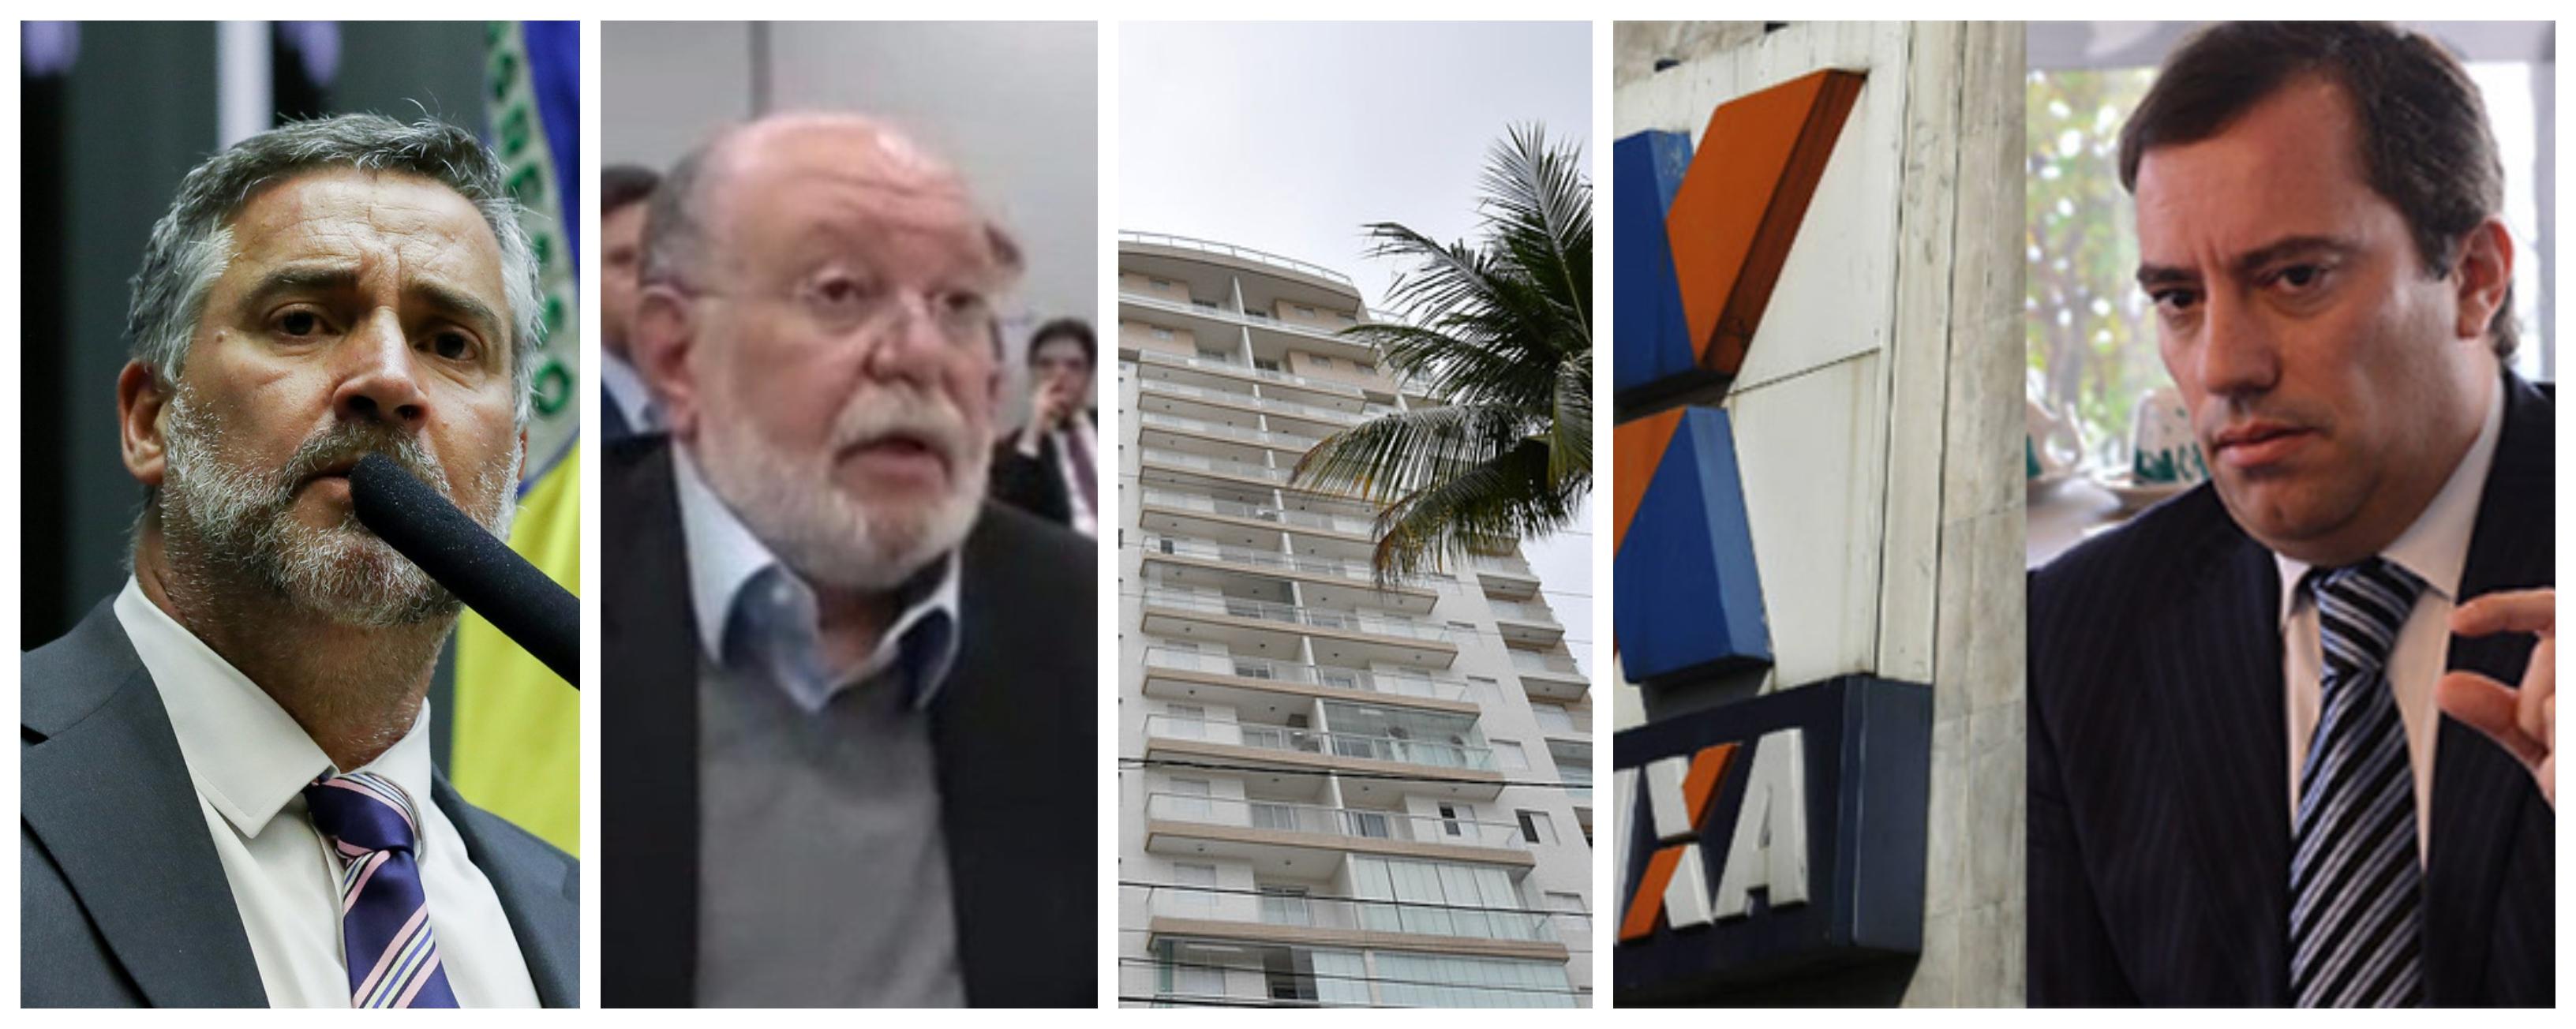 Pimenta quer anulação do depoimento de Léo Pinheiro contra Lula: Vendeu sua delação e como prêmio genro ganhou a Caixa